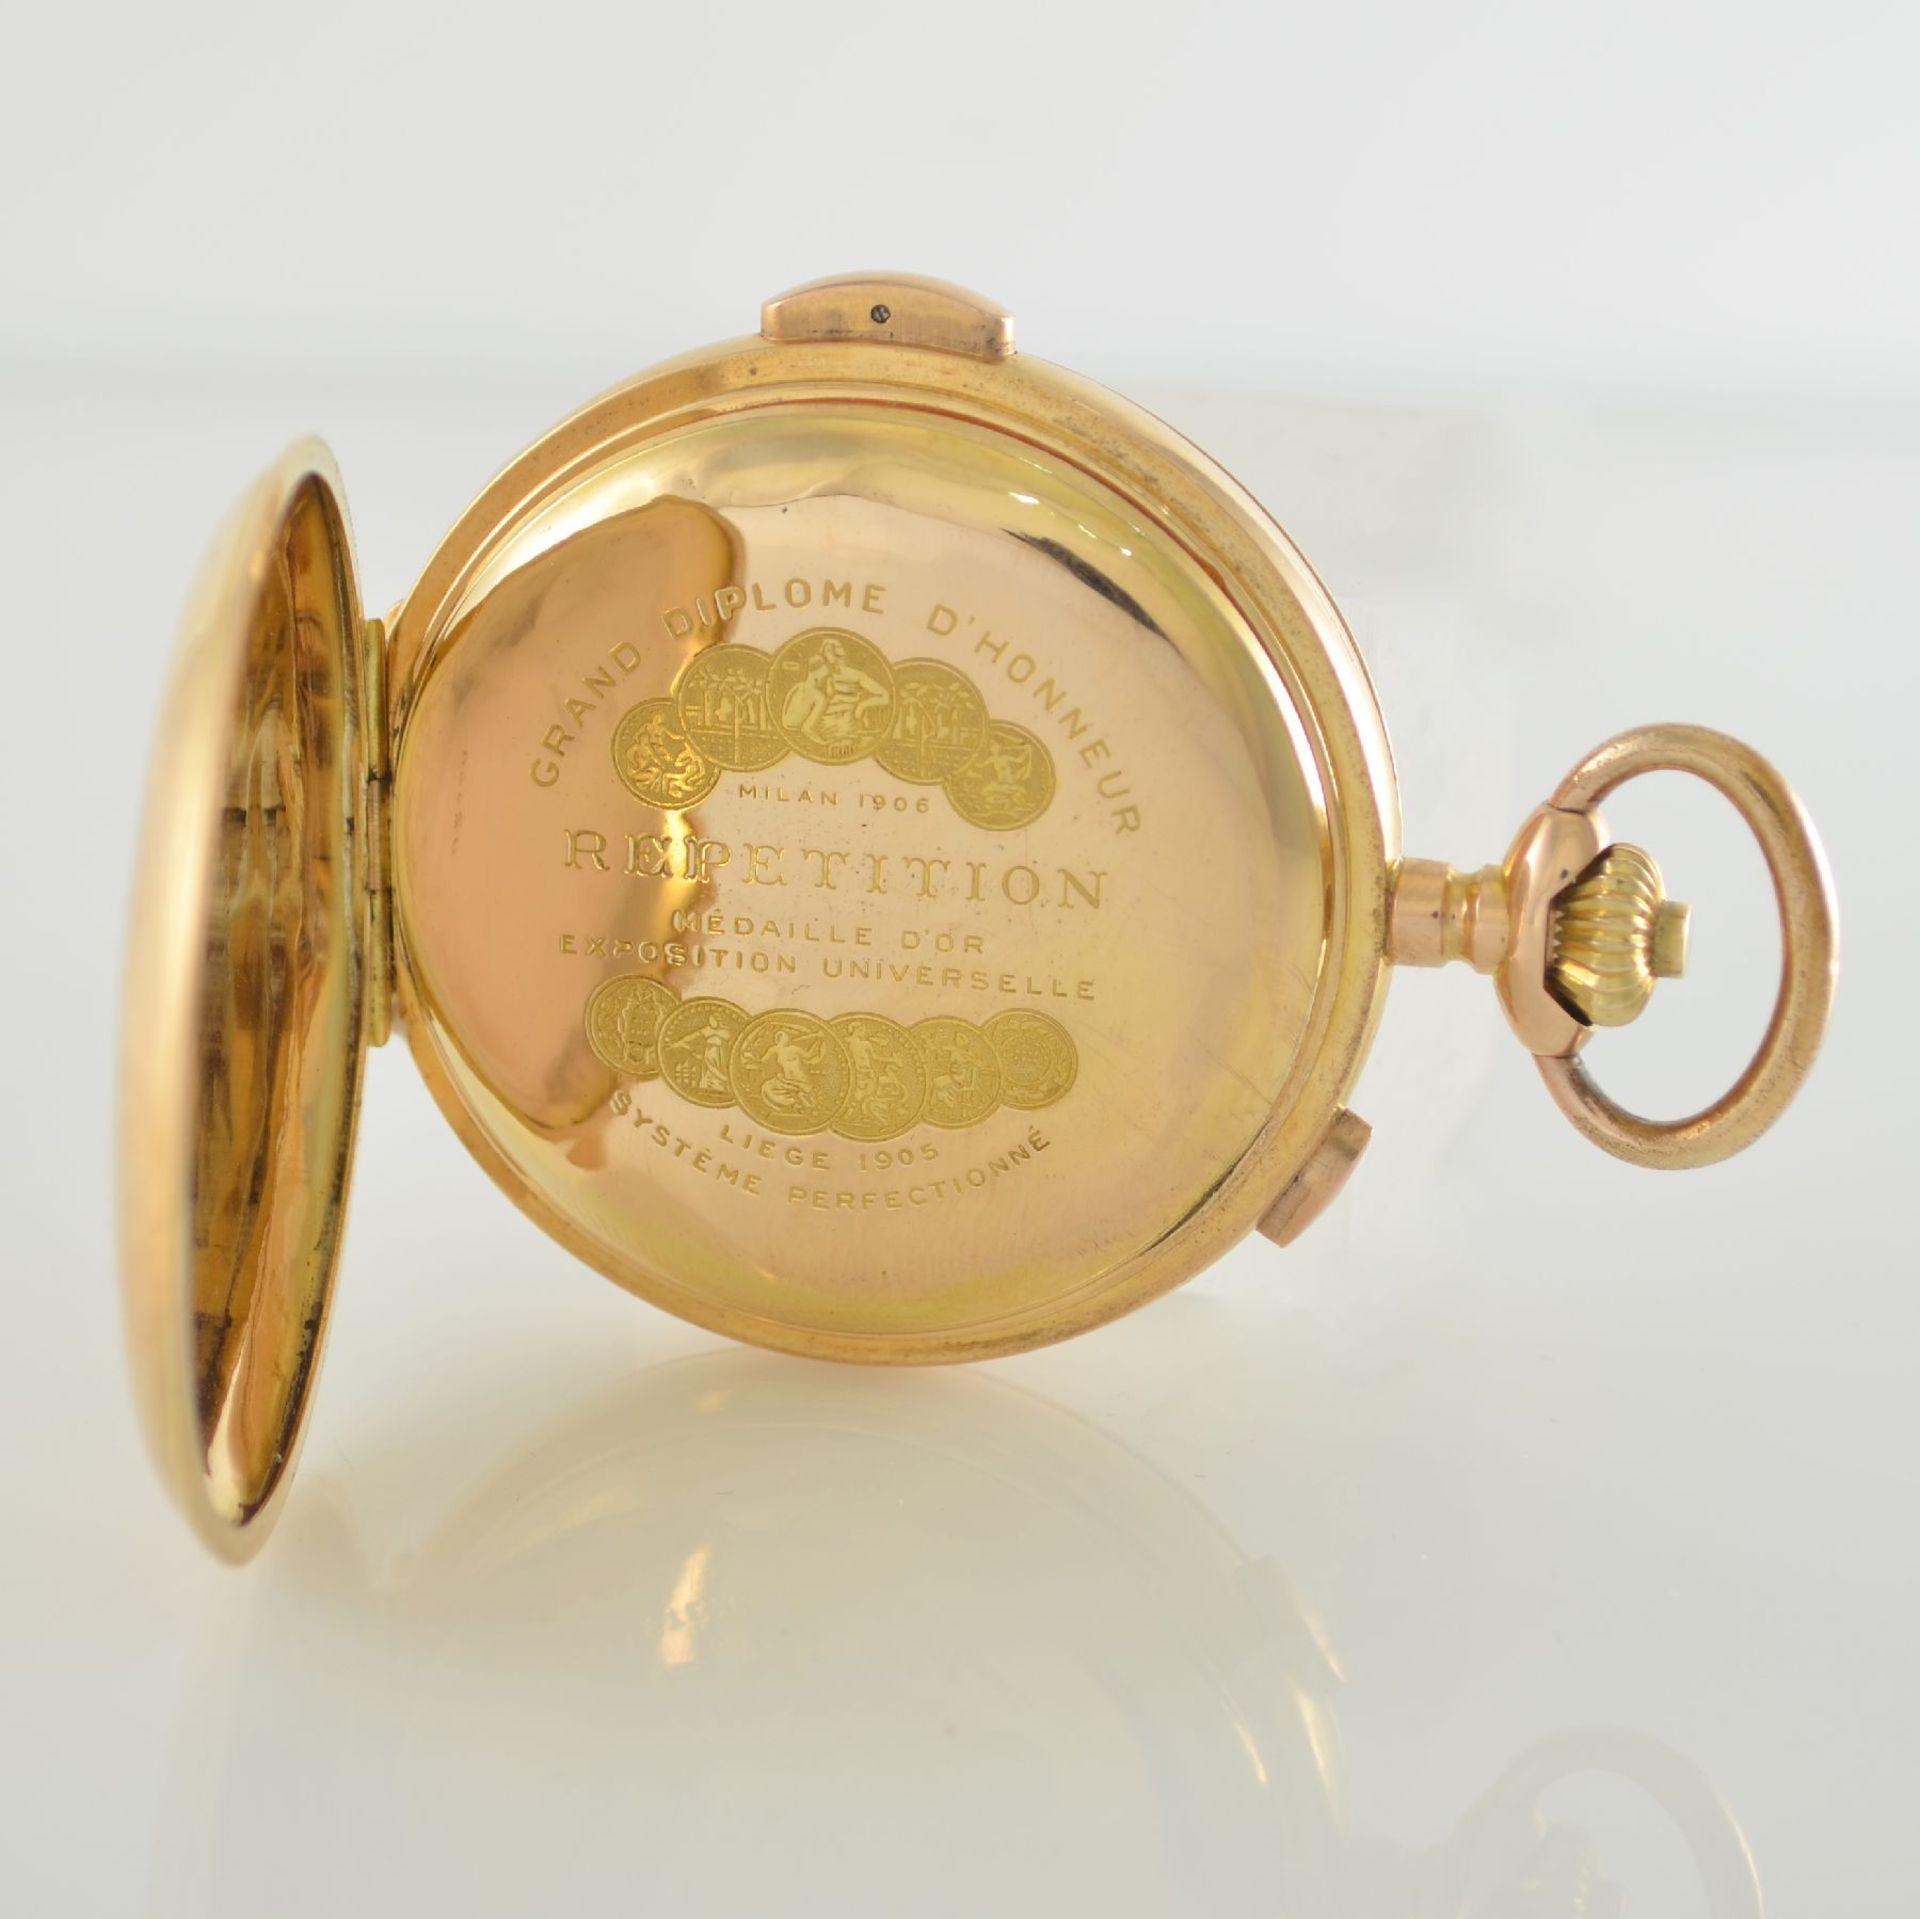 Herrensavonette mit 1/4 Std.-Repetition & Chronograph in RG 750/000, Schweiz um 1910, glattes 3- - Bild 4 aus 6